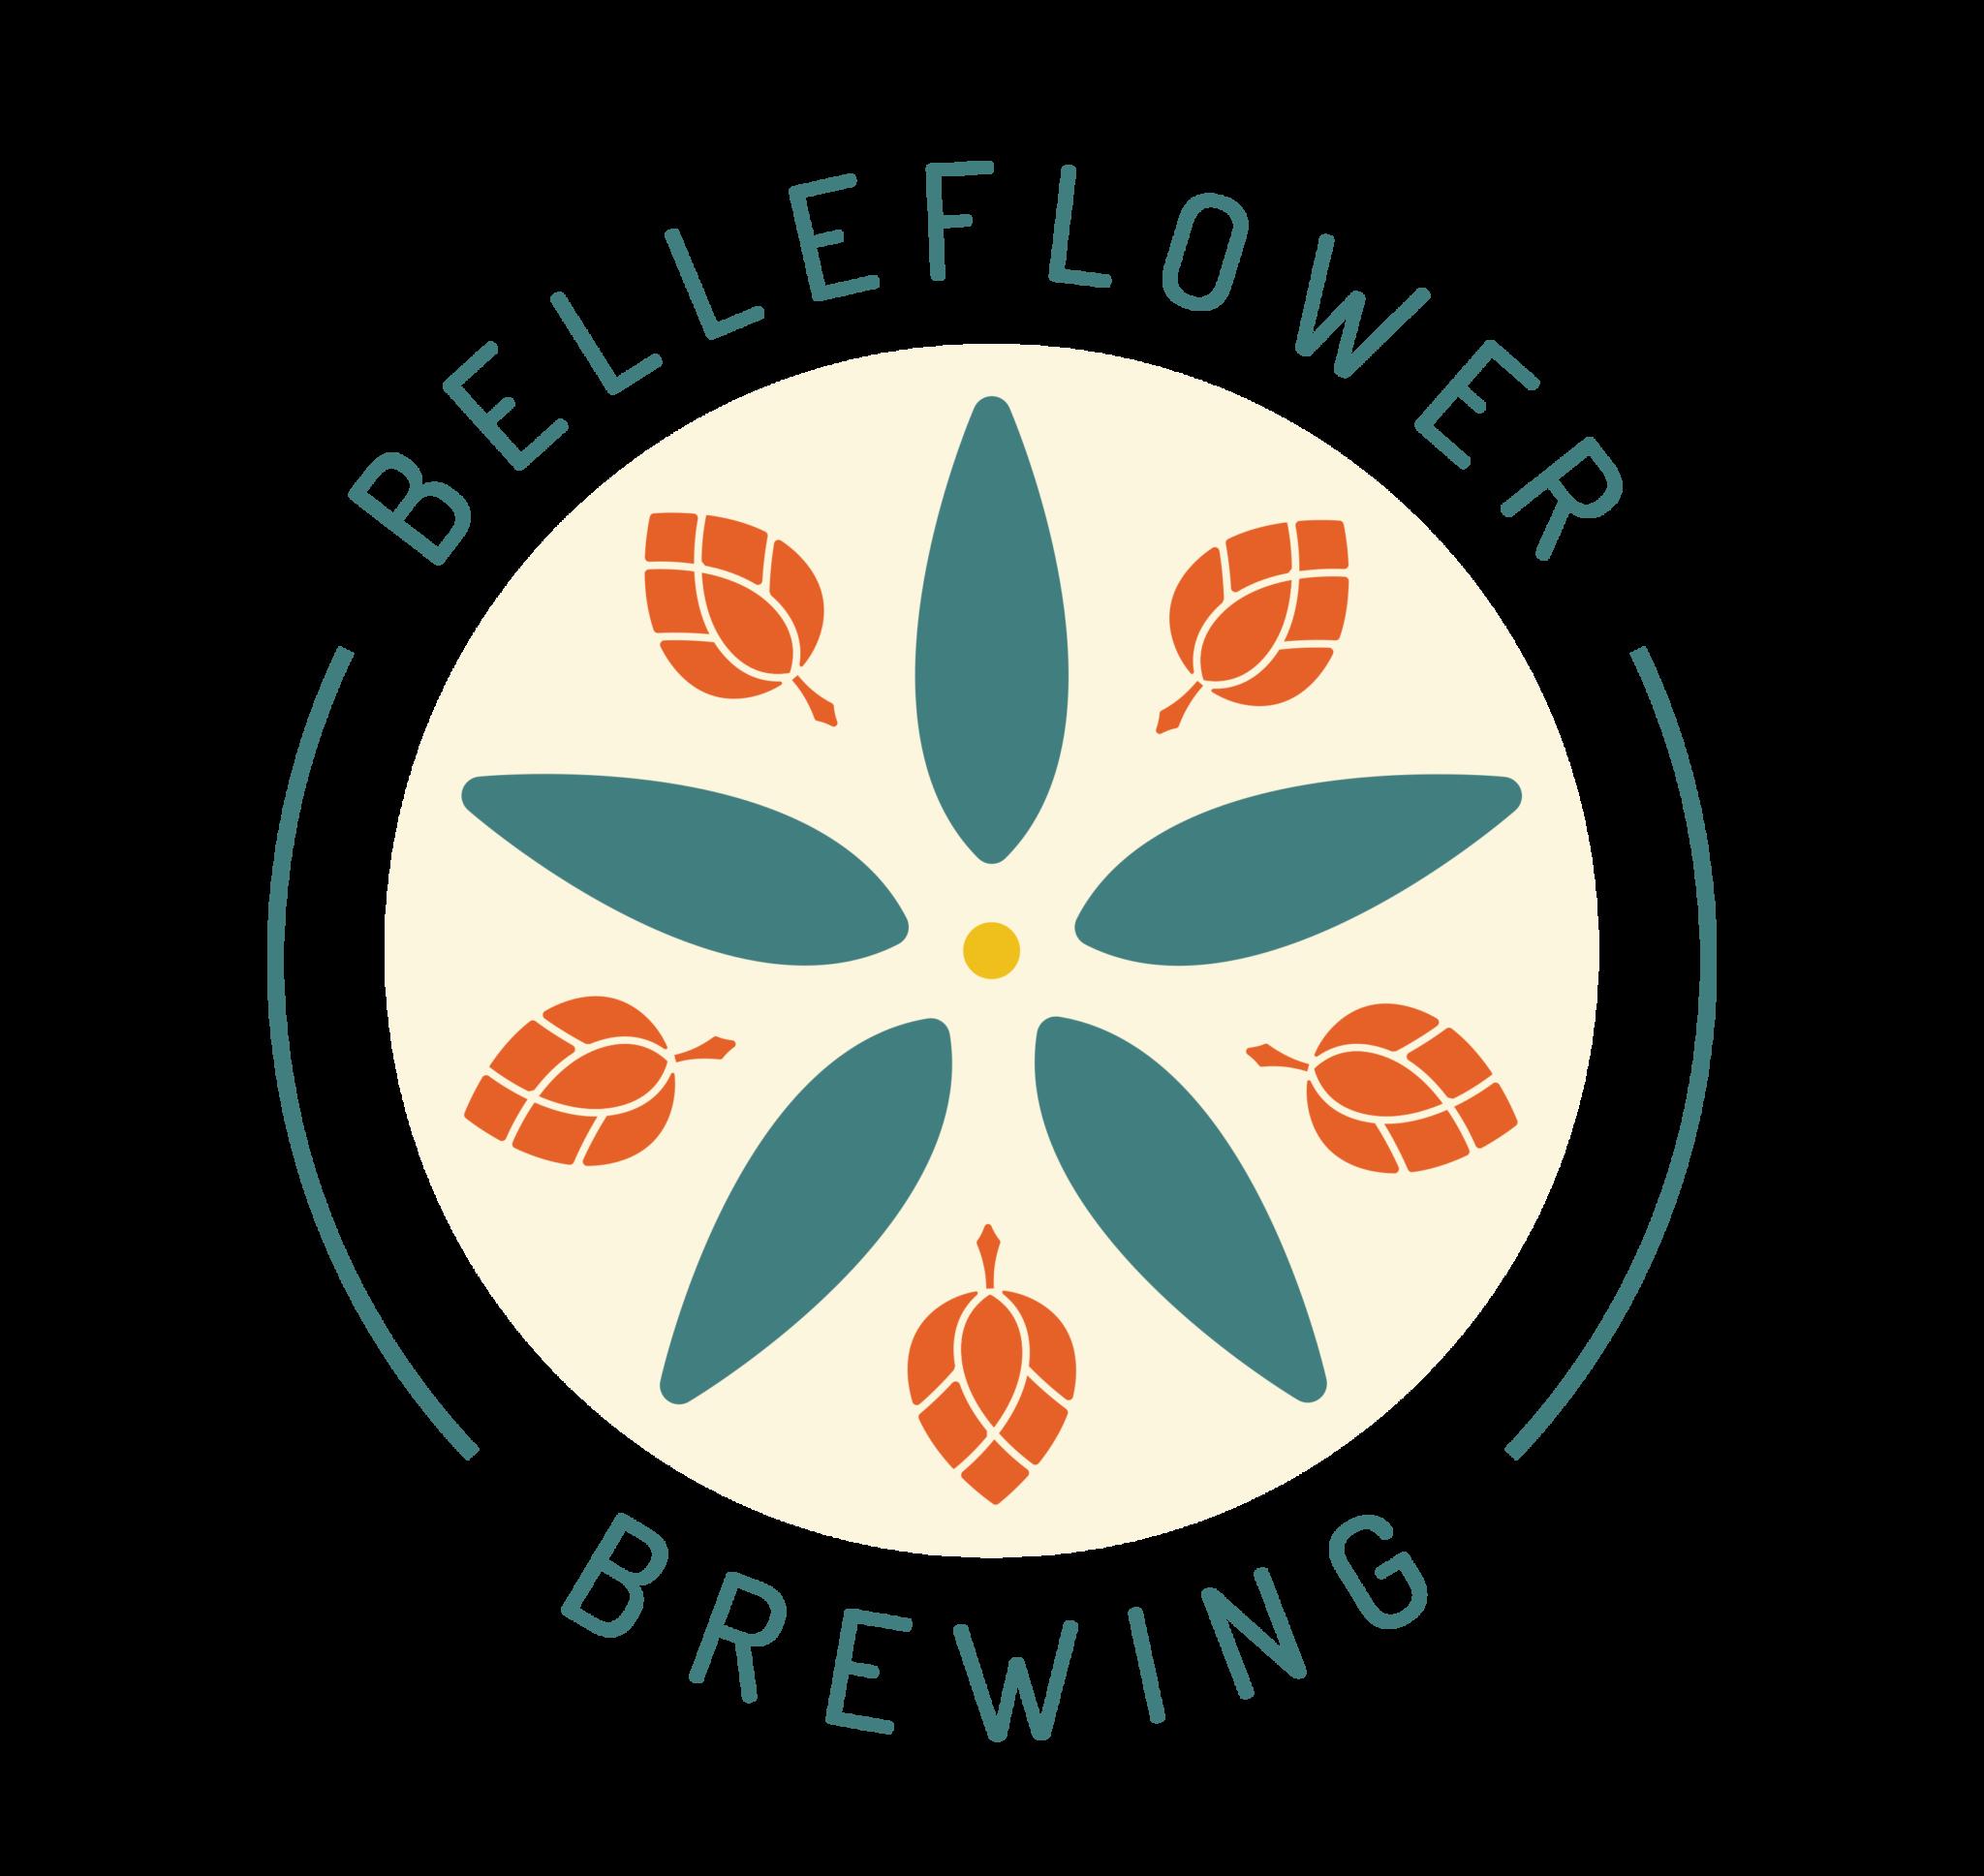 Belleflower Brewing Company